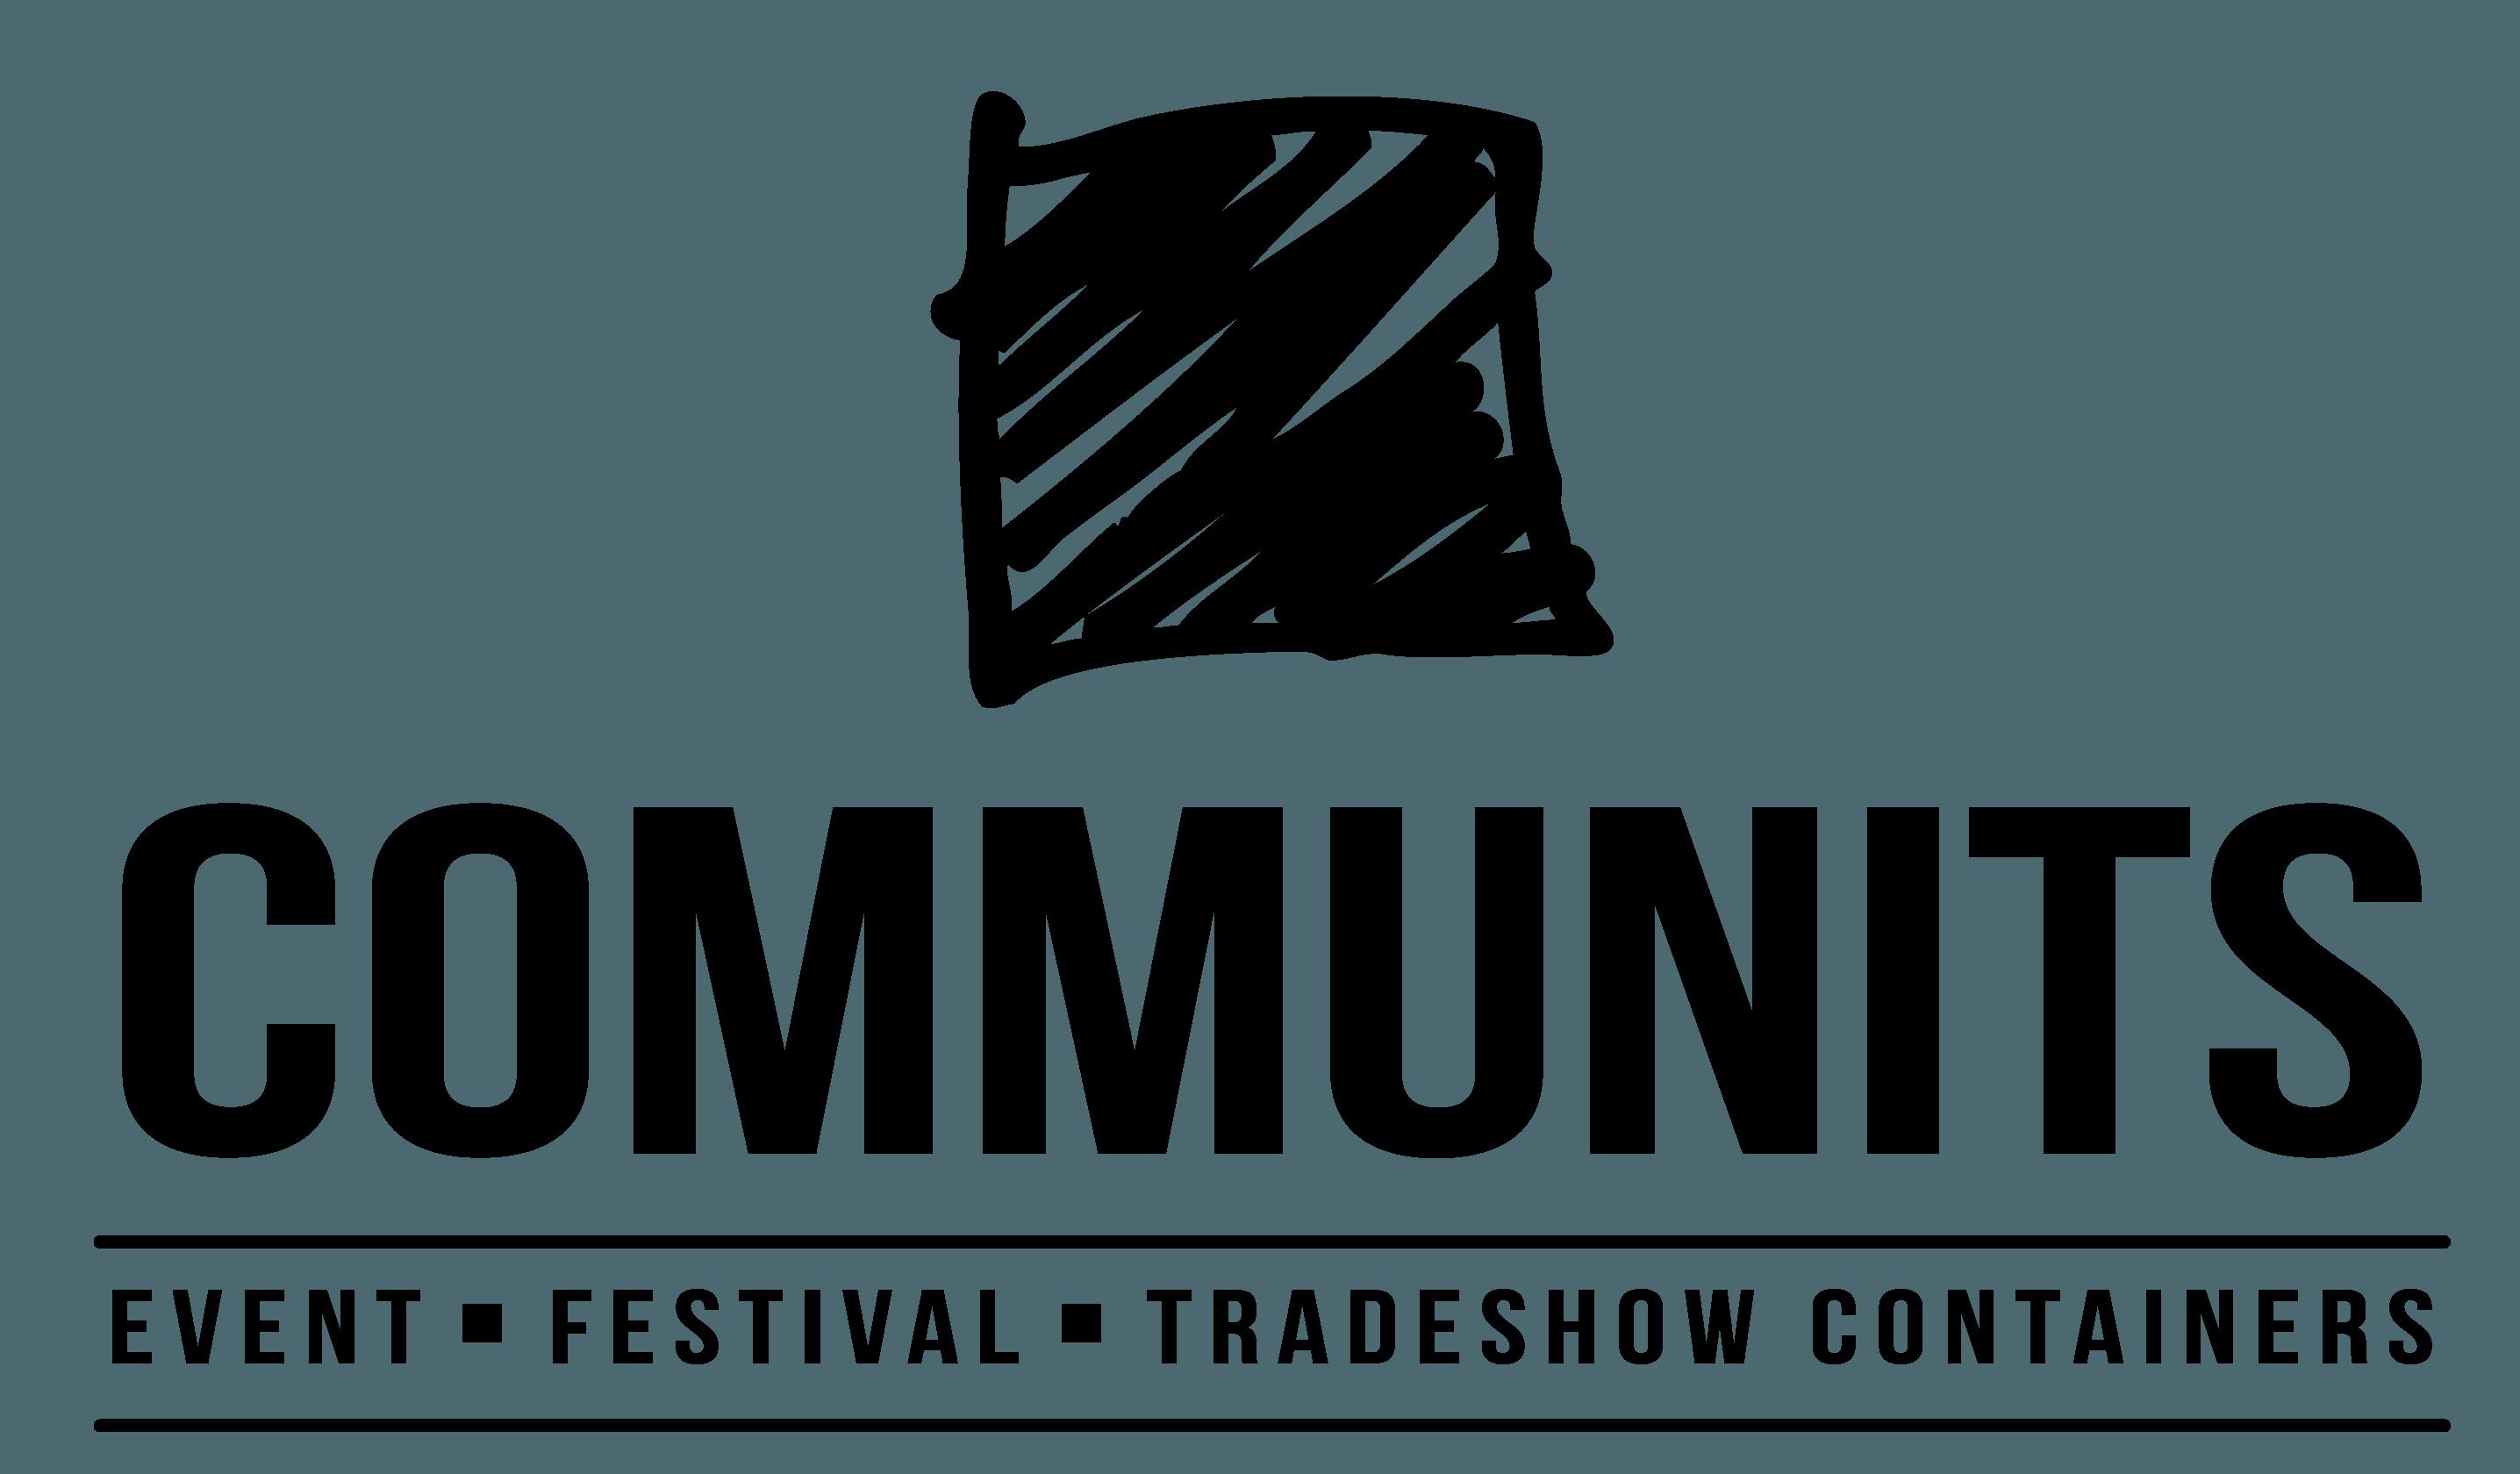 Communits